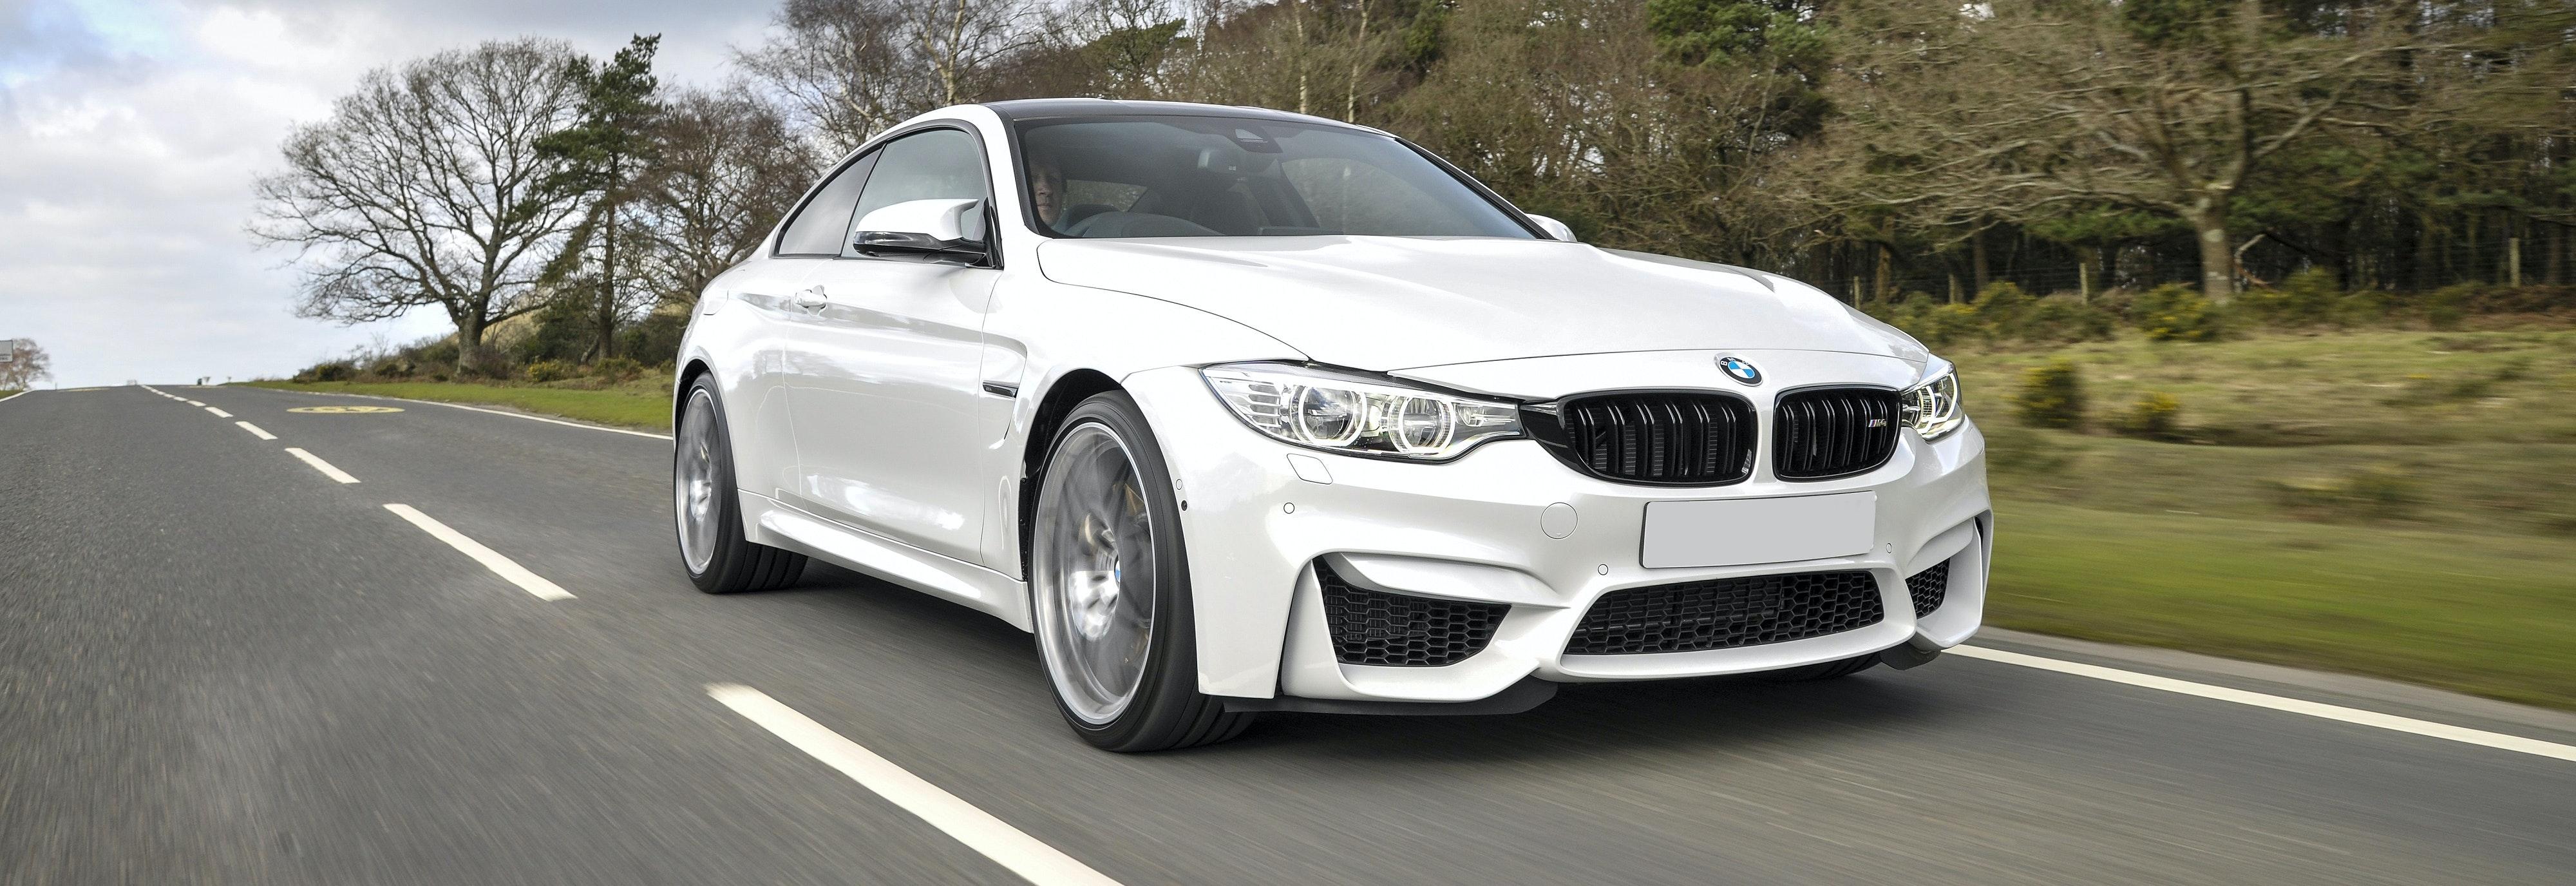 6. BMW M4